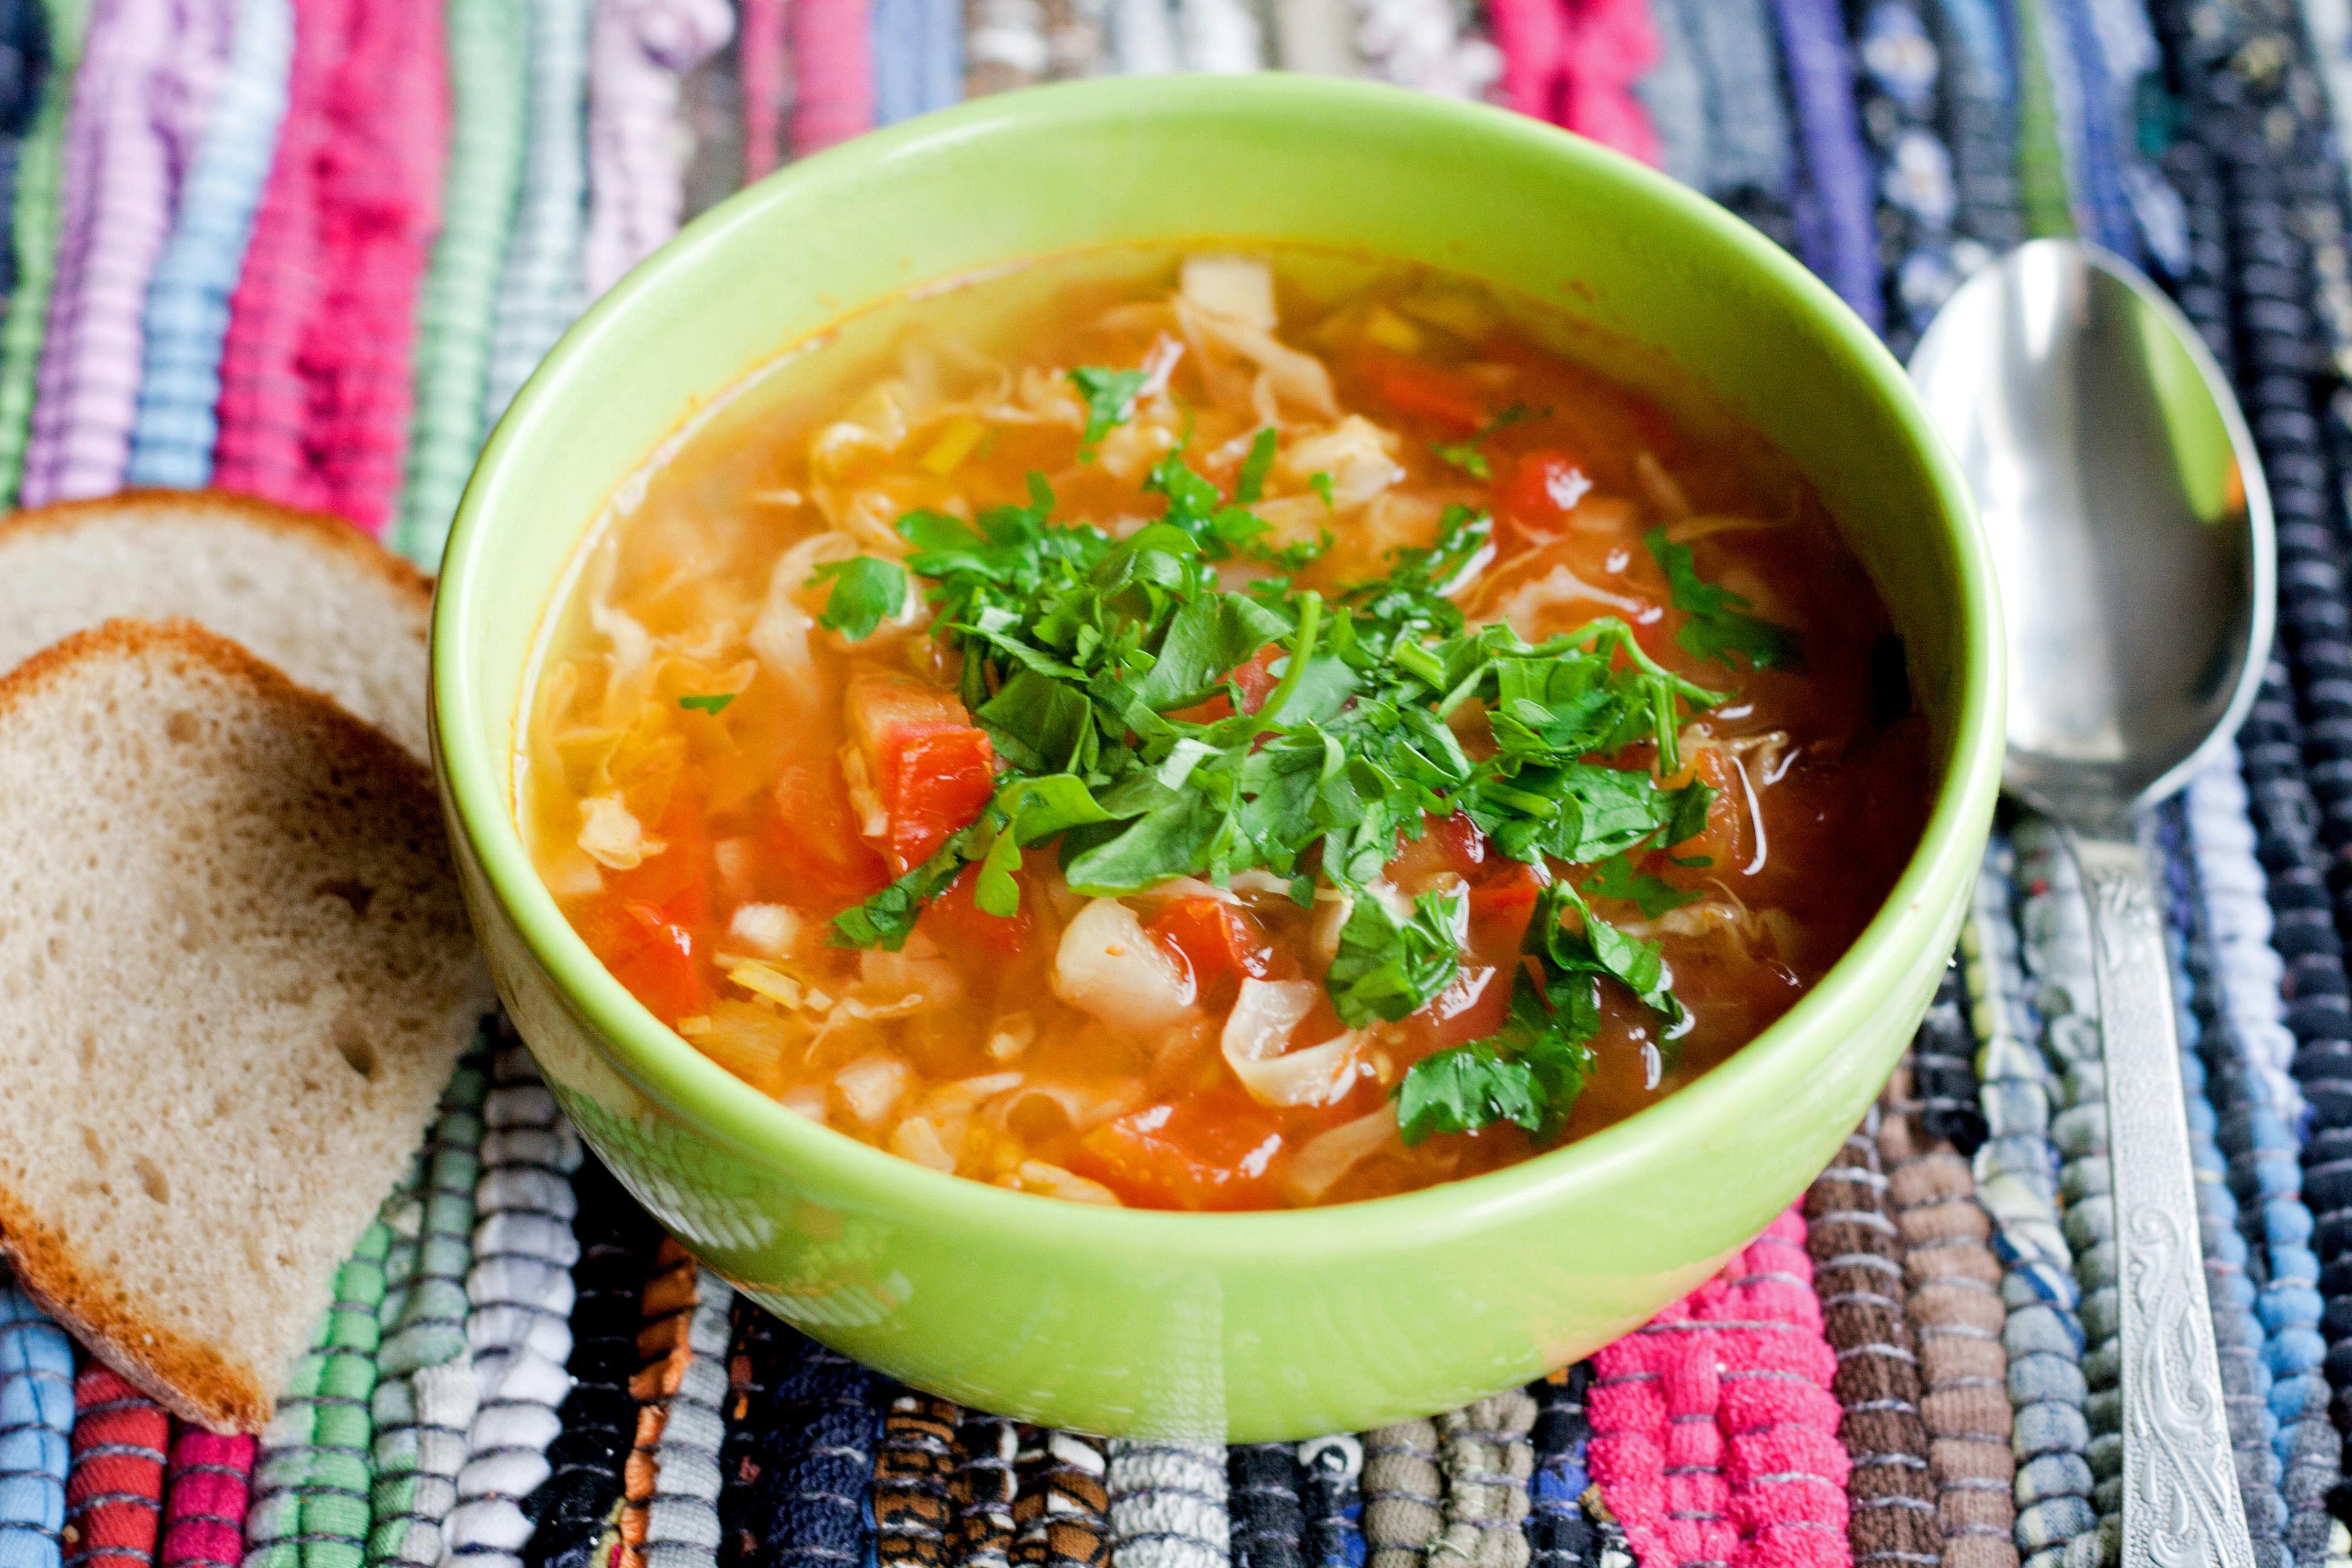 Картинка по теме: Боннский суп для сжигания жира. Рецепт